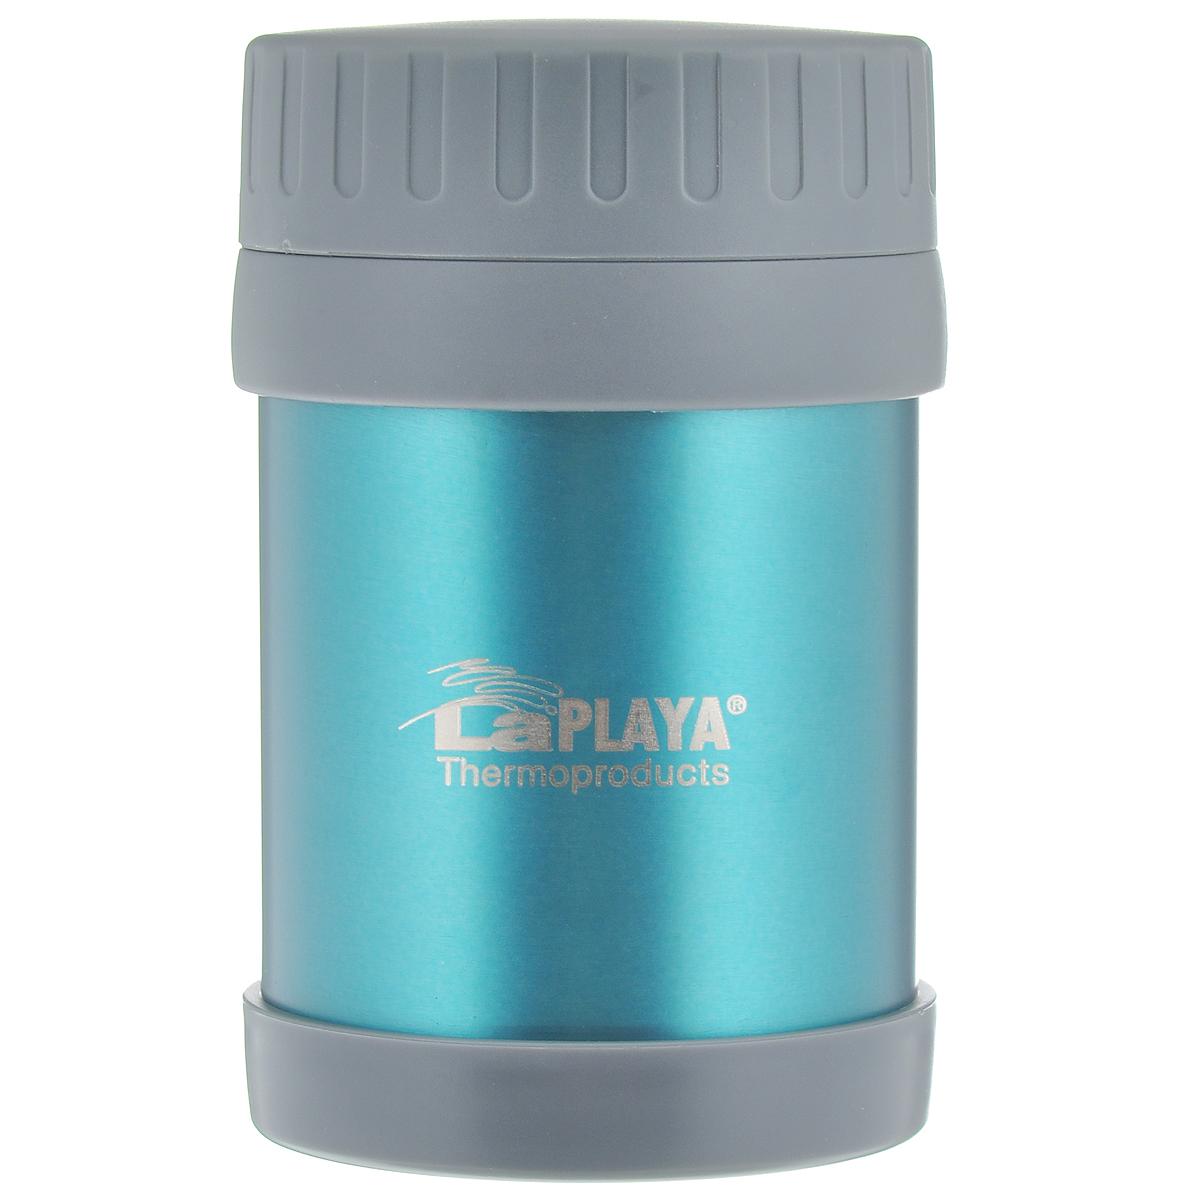 Термос для еды LaPlaya Food Container, цвет: синий, 350 мл560029Корпус термоса LaPlaya Food Container изготовлен из высококачественной нержавеющей стали с двумя стенками. Термос оснащен крышкой, благодаря которой сохраняется абсолютная герметичность. Изделие имеет большое горлышко, поэтому идеально подходит для салатов, закусок, первых и вторых блюд. Такой термос удобен в использовании и станет полезным подарком. Диаметр (по верхнему краю): 8 см. Диаметр основания: 8,5 см. Высота (с учетом крышки): 13,5 см.